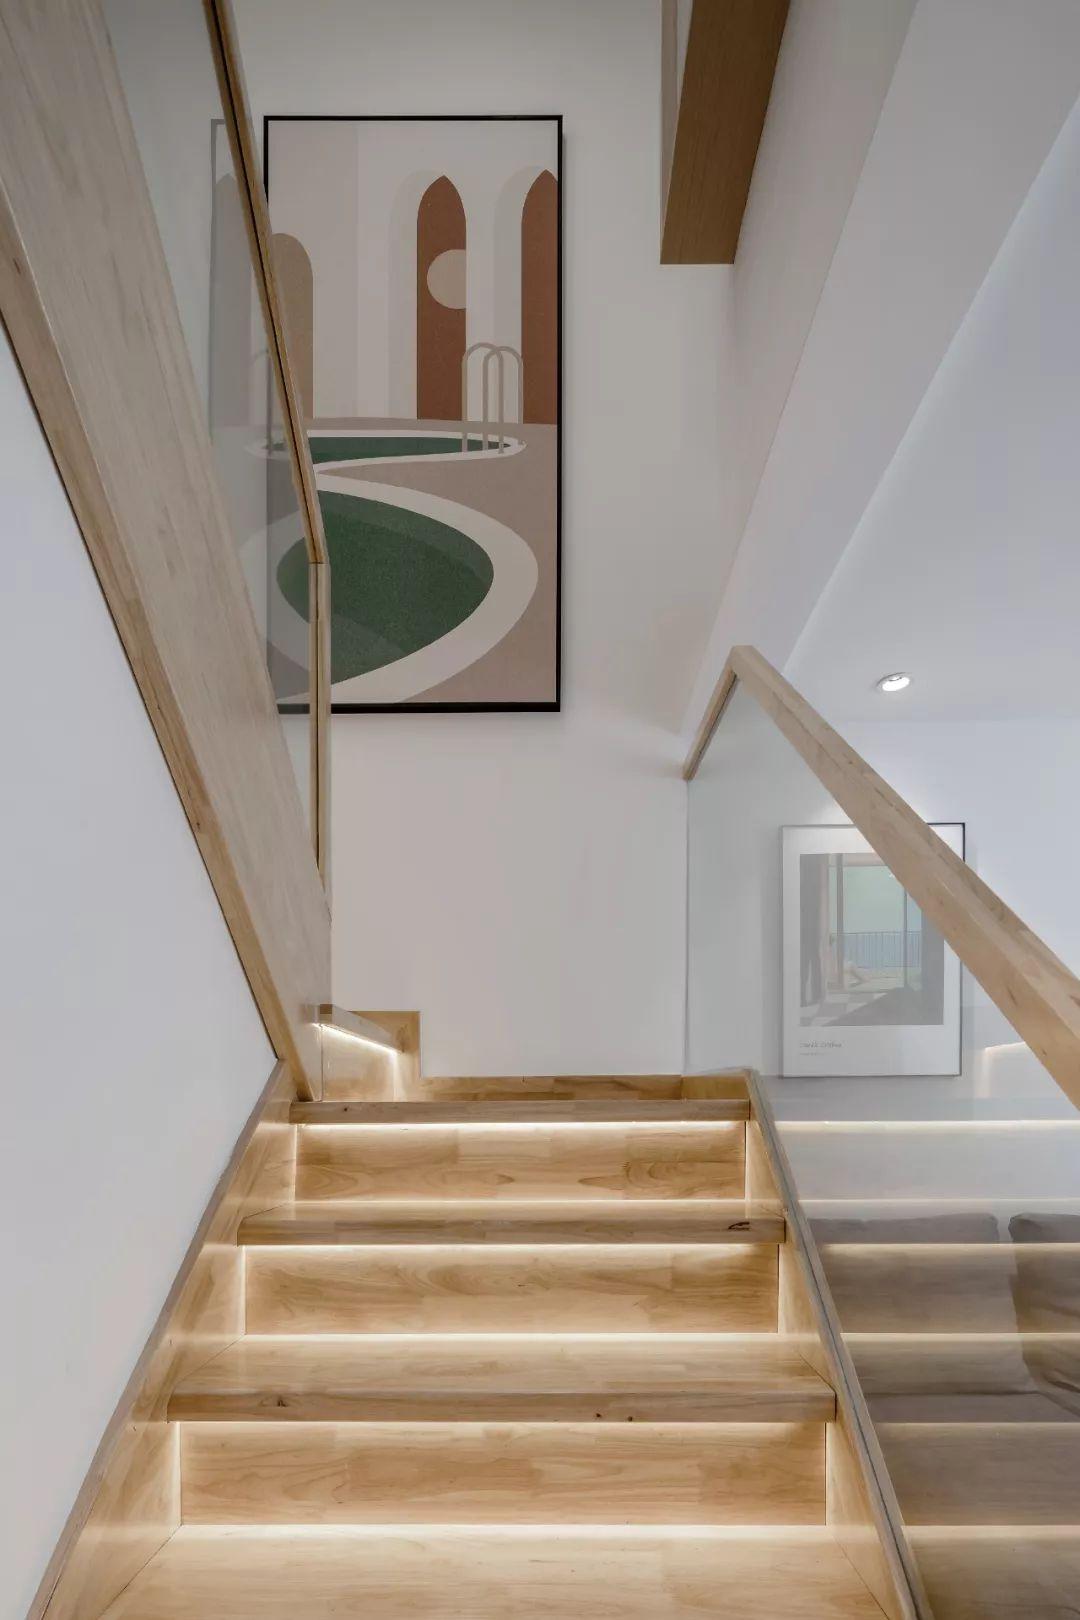 36㎡簡約風躍層單身公寓,過道加入收納柜更實用!-12